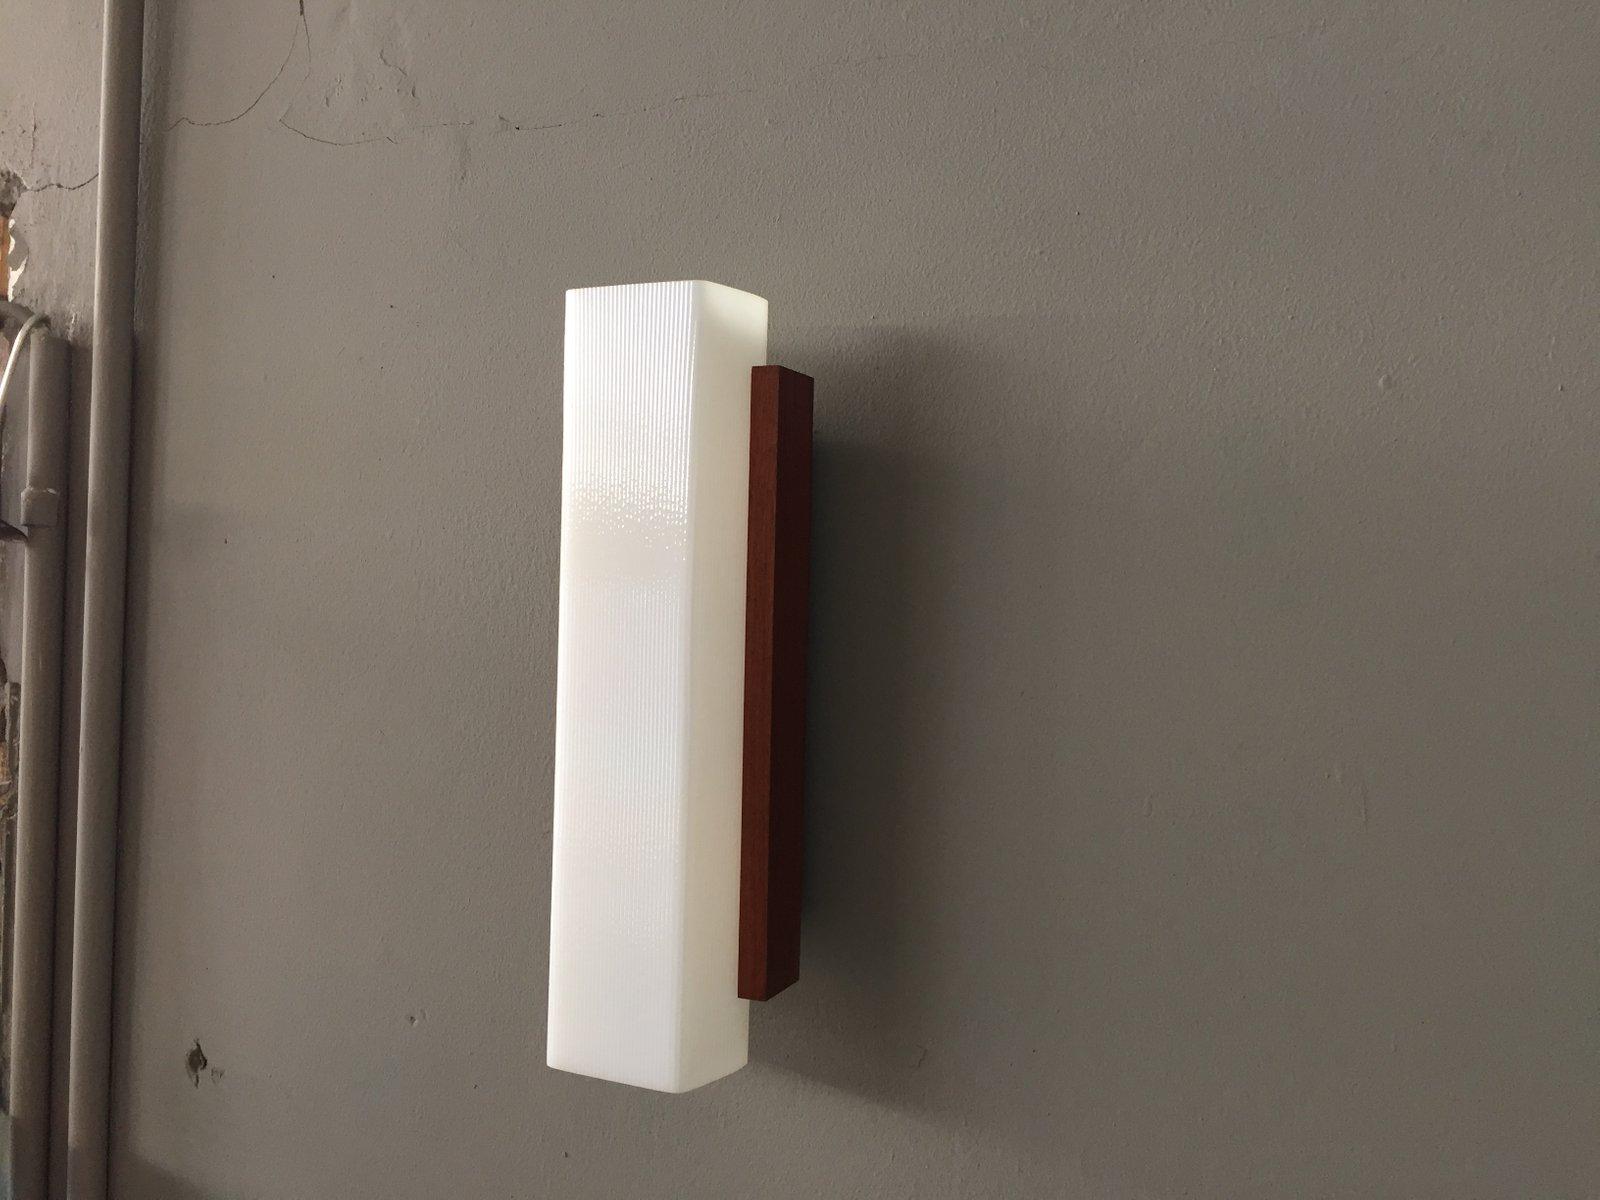 Plafoniere Da Parete In Legno : Kave home lampada da parete in legno tessuto metallo naturale